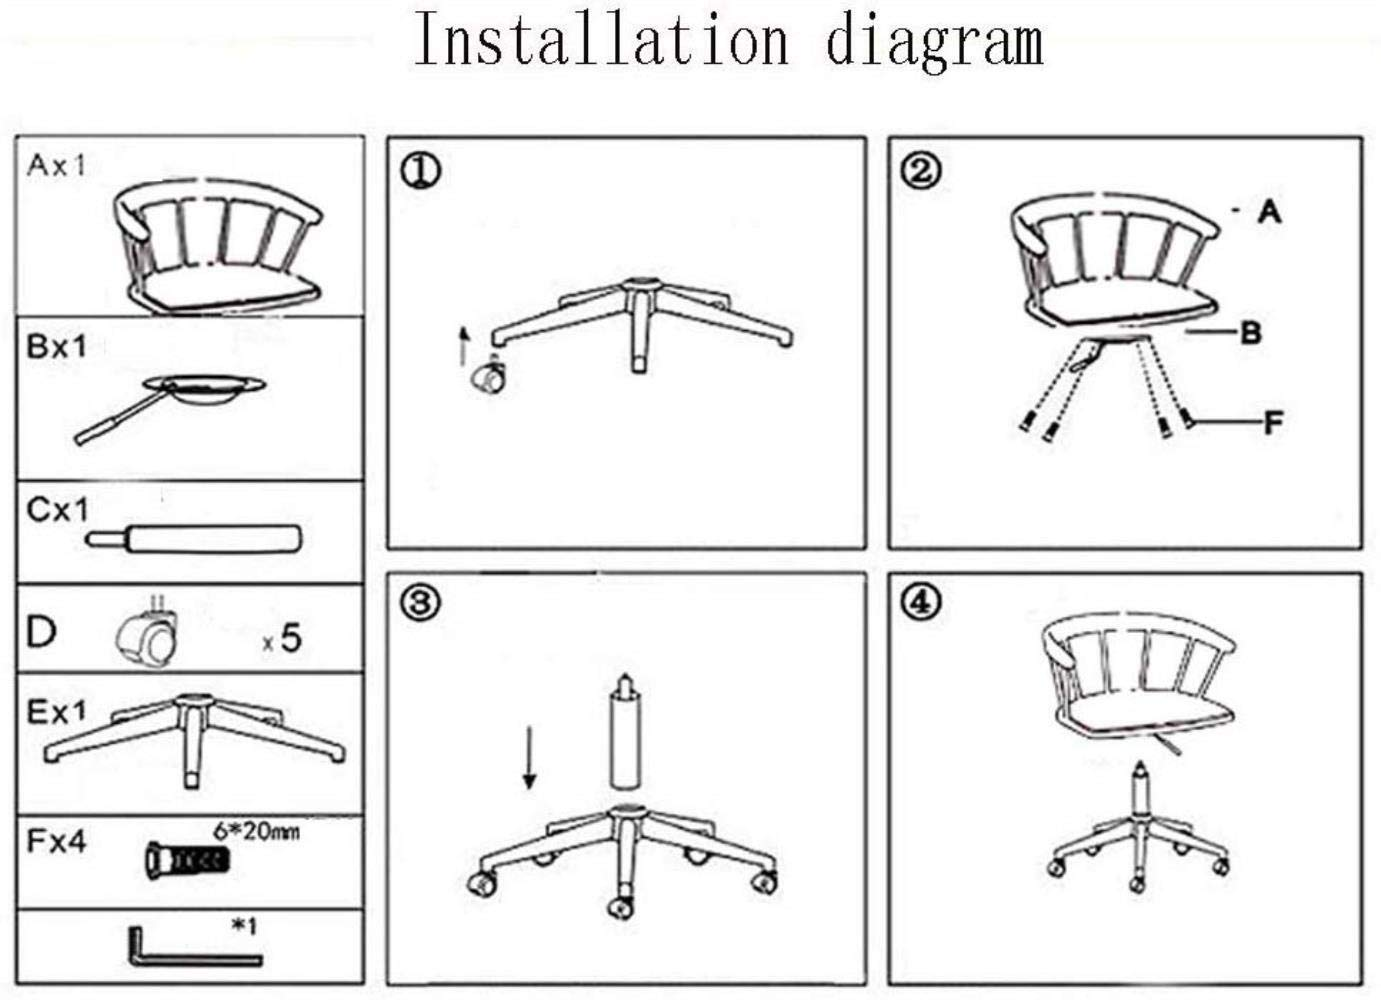 Barstolar Xiuyun kontorsstol spelstol svängbar stol, massivt trä ihåligt armstöd datorstol studier lärande stol enkel lyftstol - 360 graders rotation, 2 färger (färg: A) a